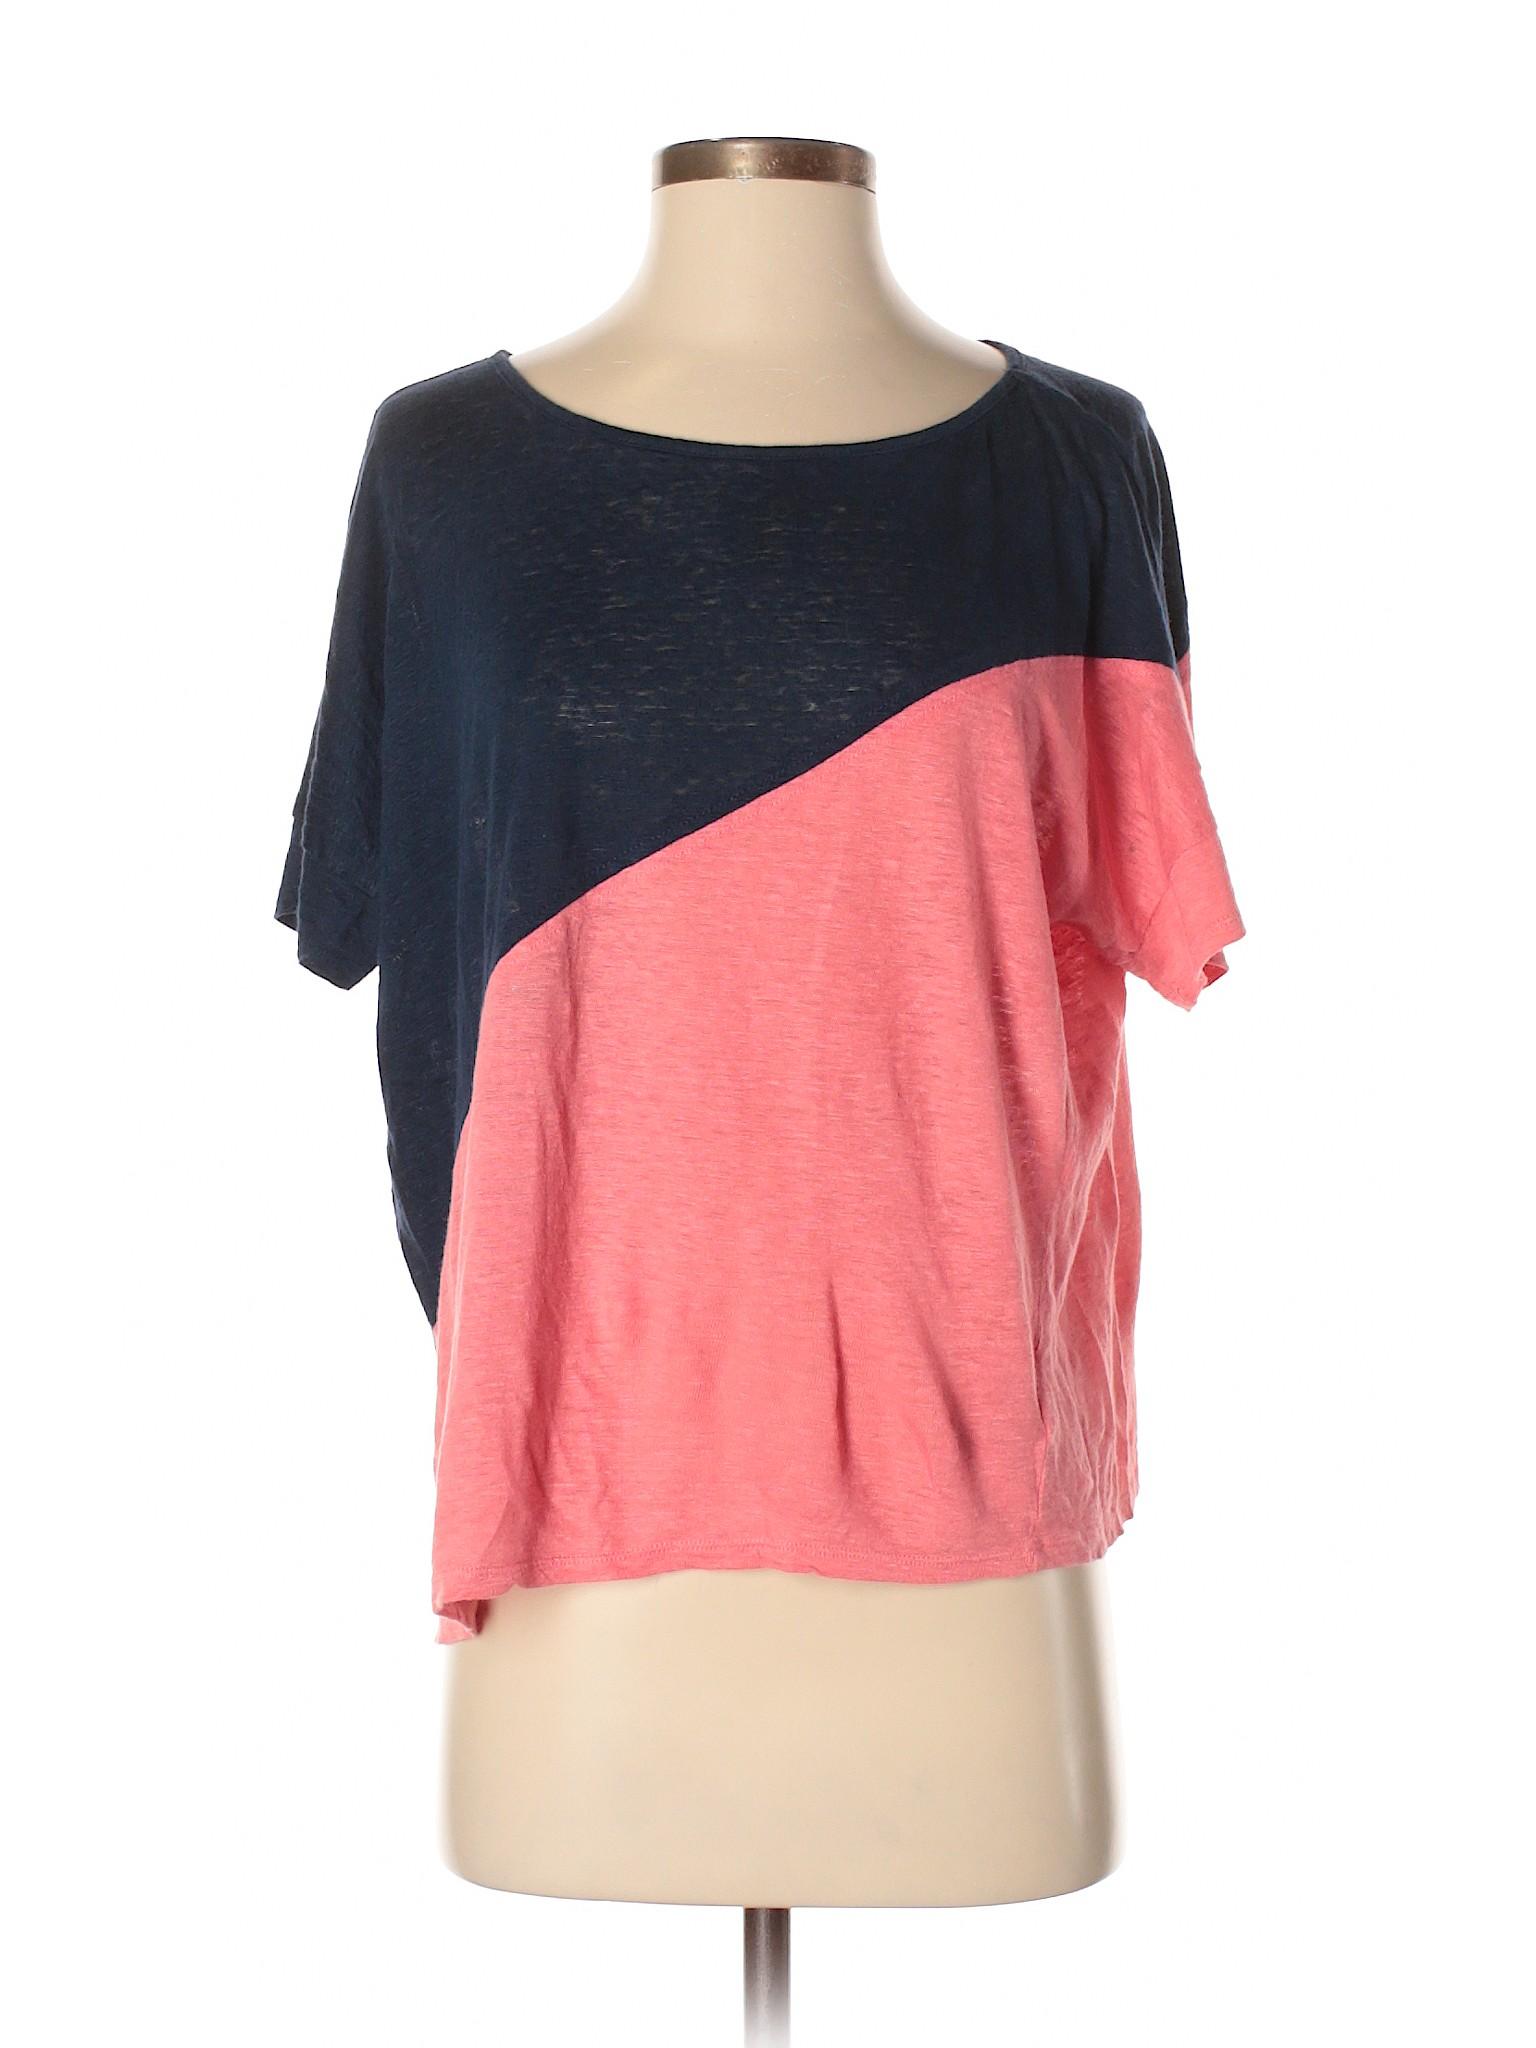 Boutique Sweater Bordeaux Pullover Bordeaux Boutique Pullover dwXxq0az